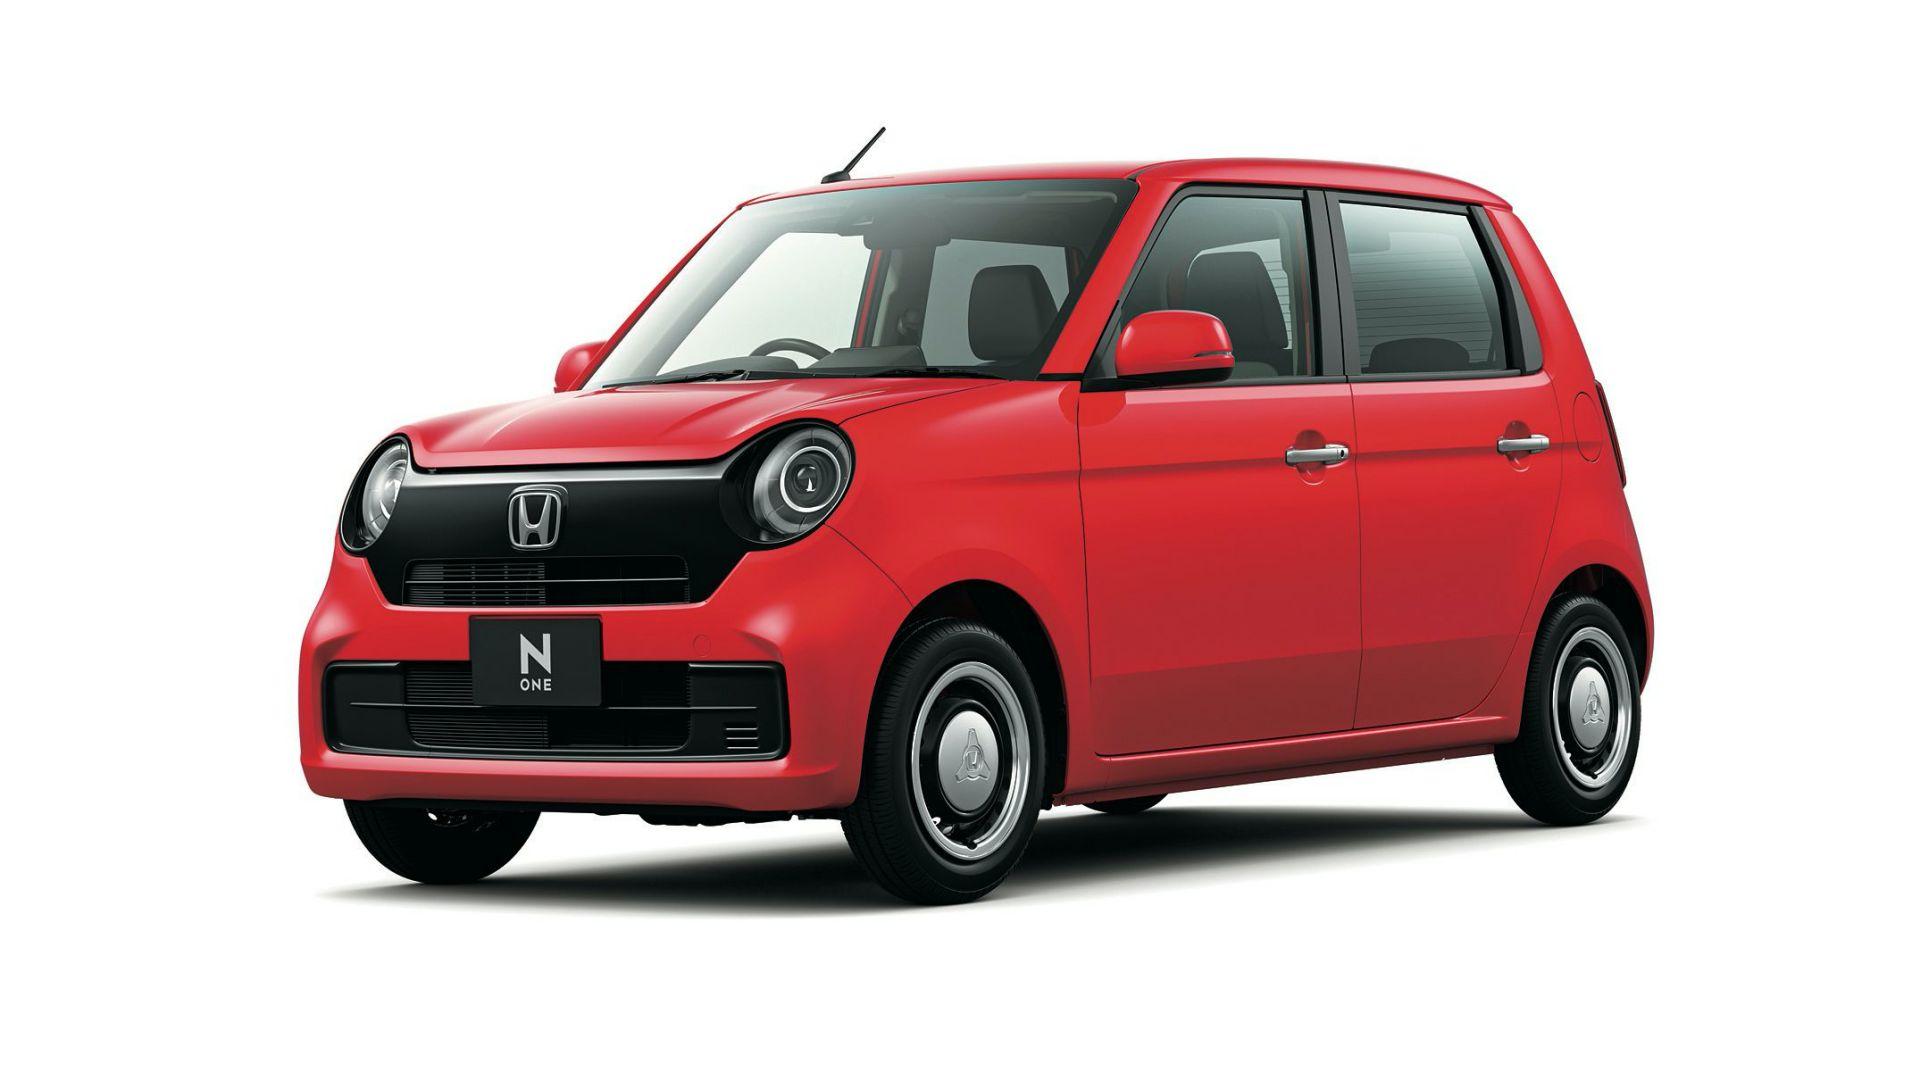 Honda-N-One-2020-49